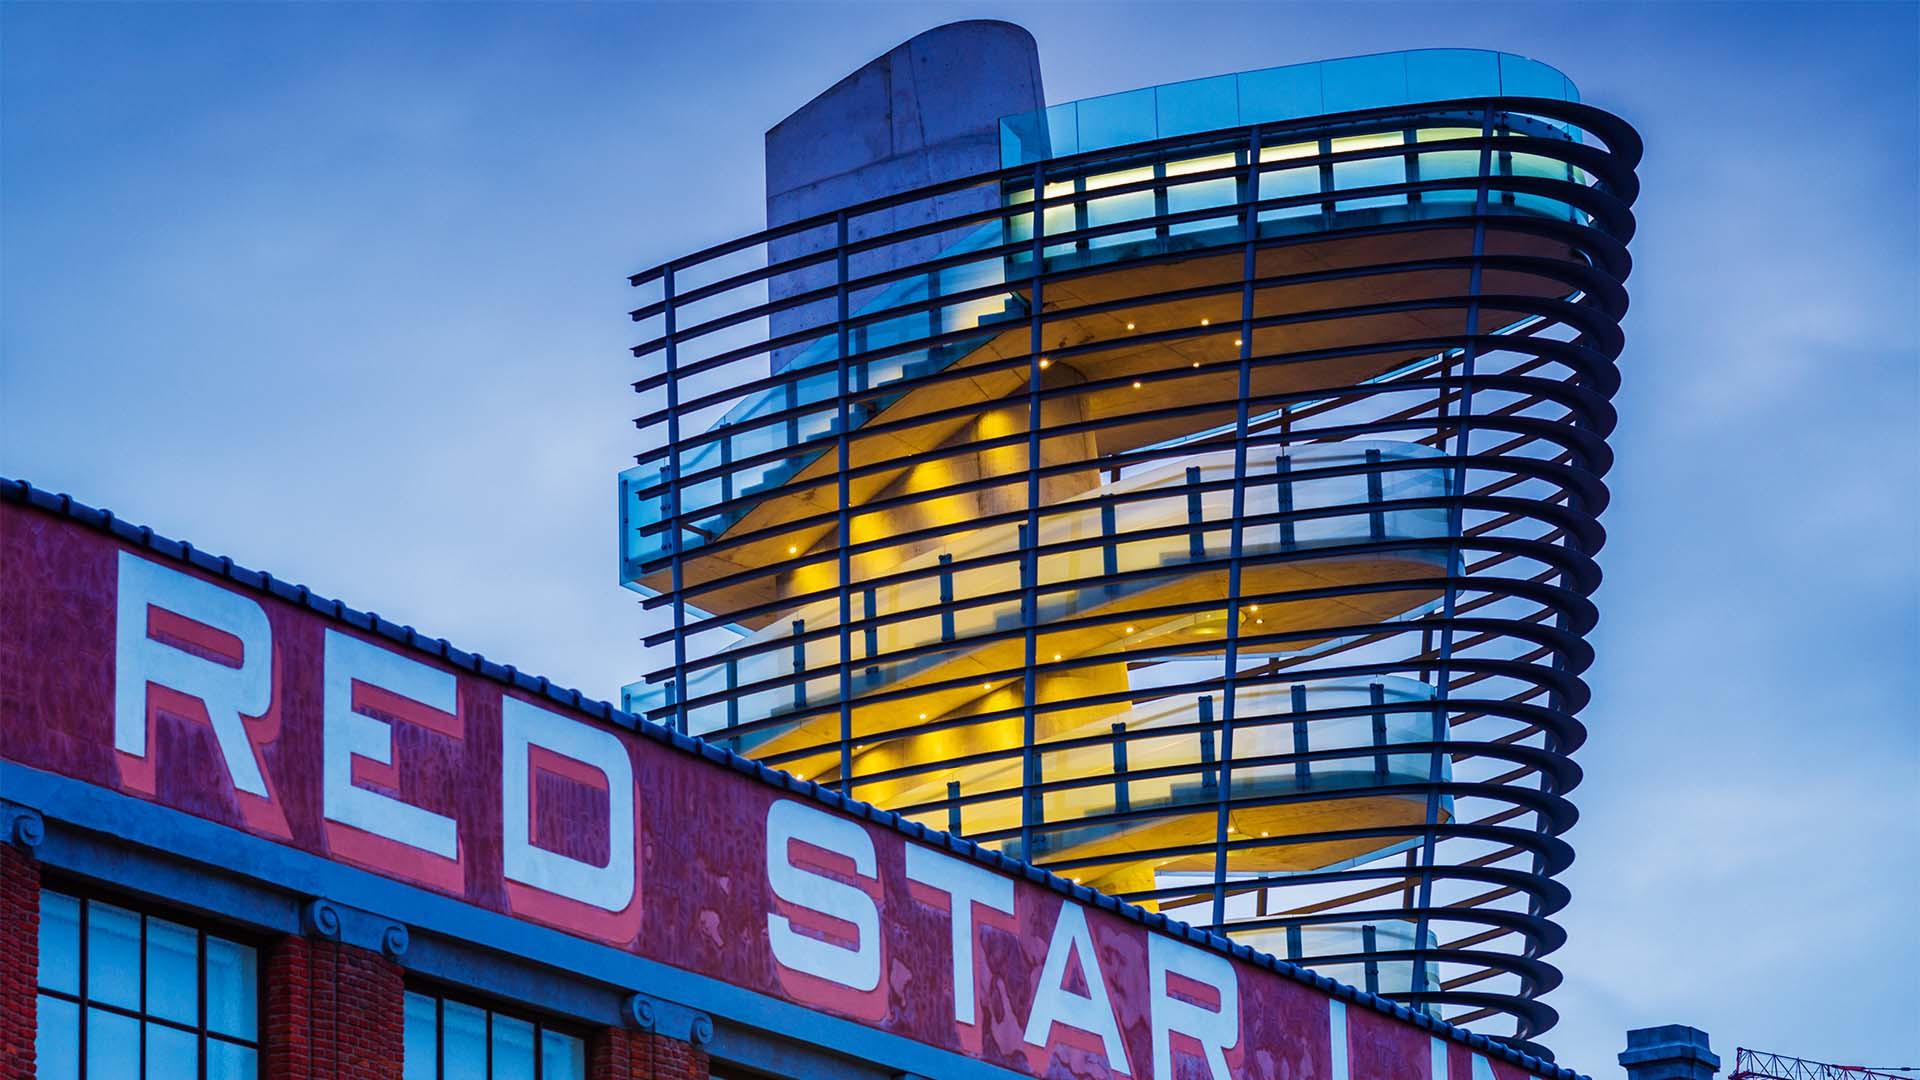 Red Star Line Museum, Belgium